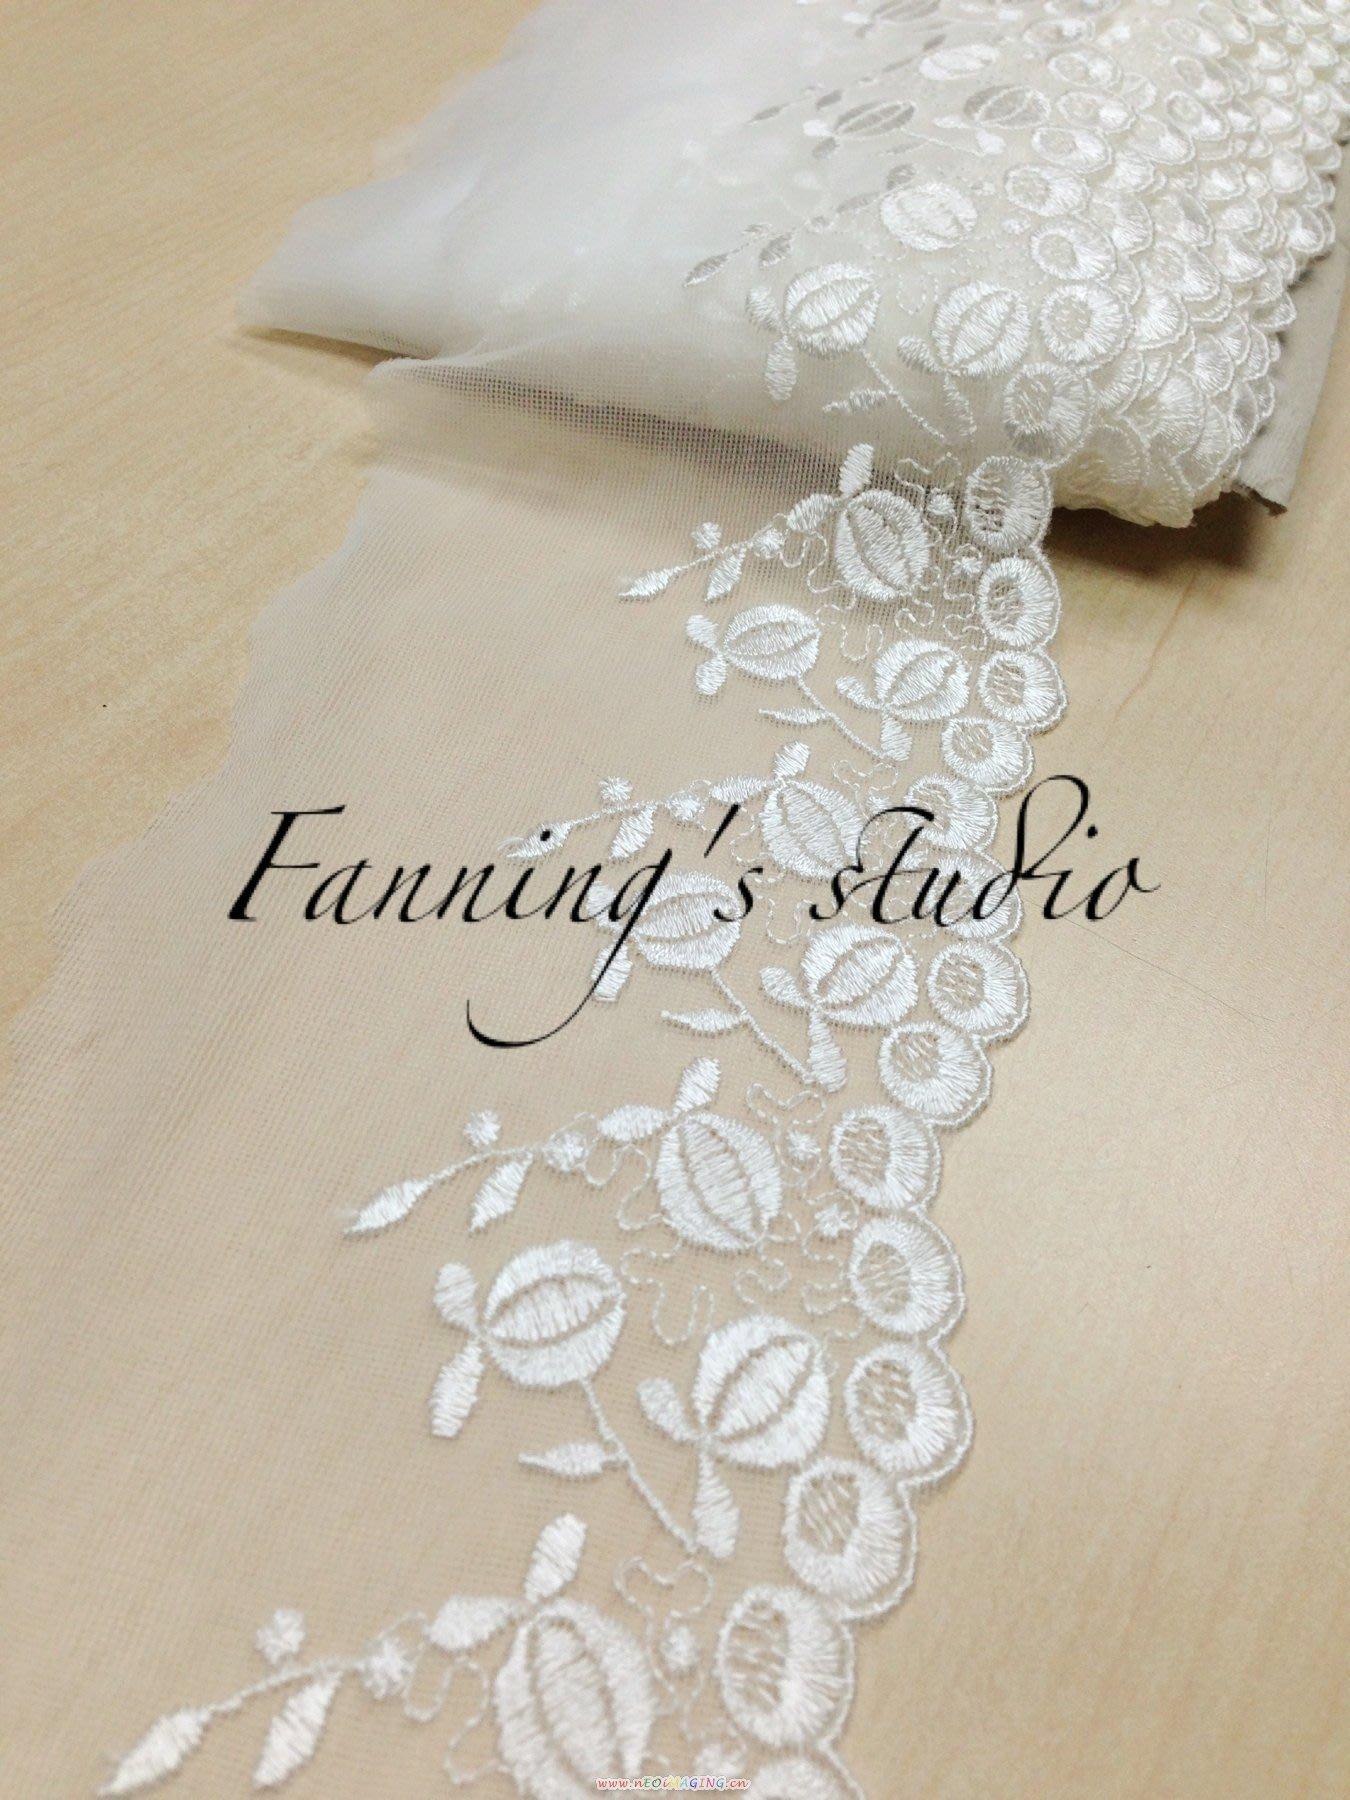 【芬妮卡Fanning服飾材料工坊】回饋款 花苞待放刺繡網布蕾絲 高11cm 1碼入